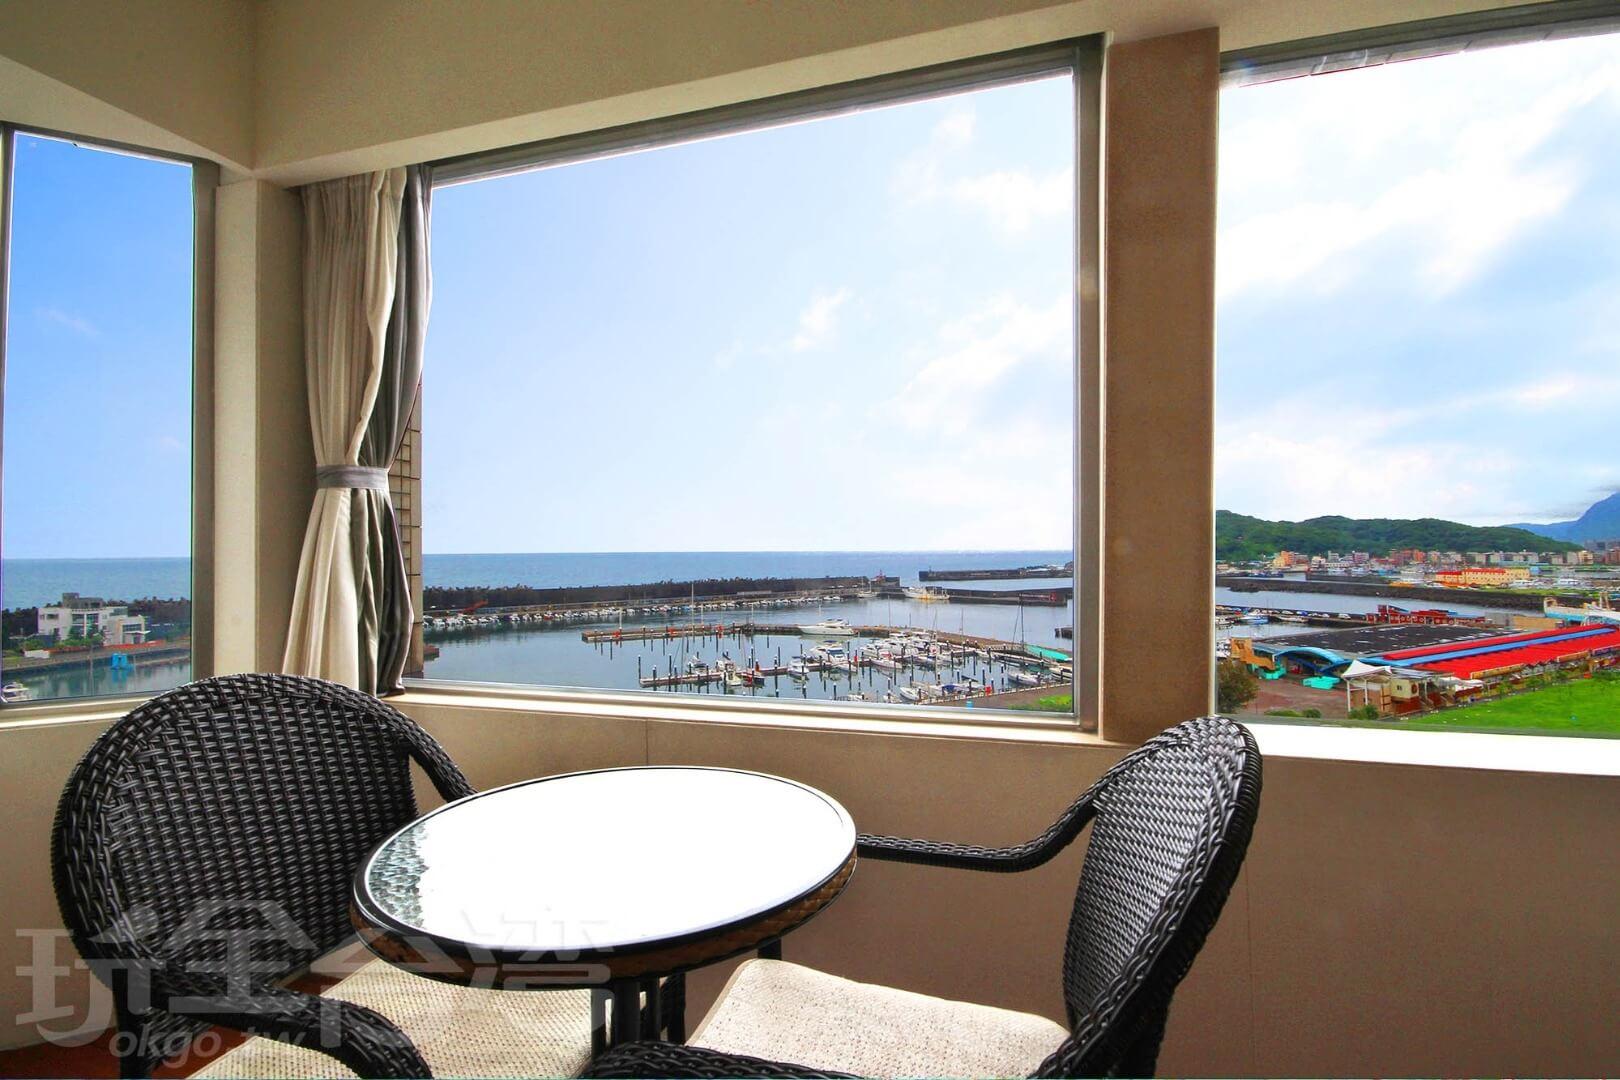 相片來源:基隆蔚藍海景旅店